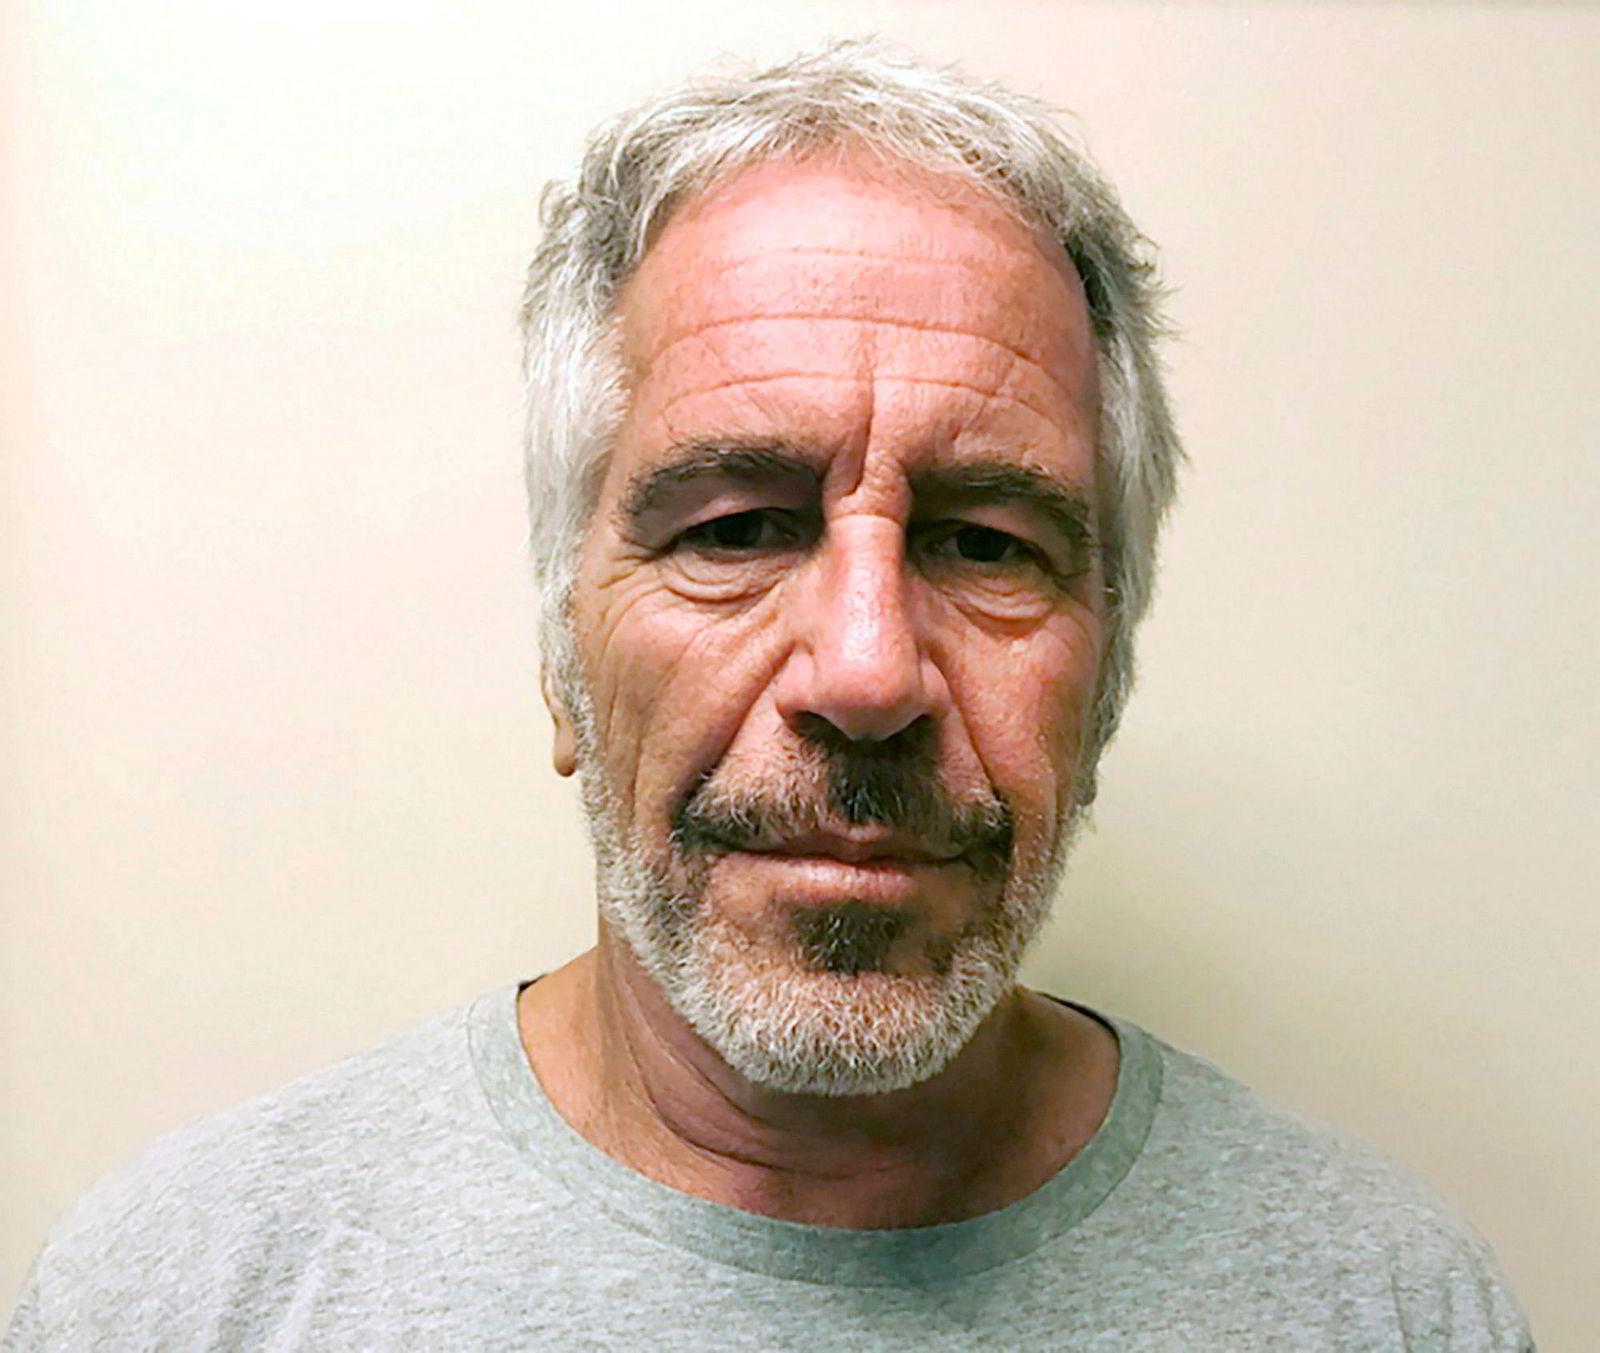 Dette bildet ble tatt av Epstein etter at han ble tiltalt i 2019.